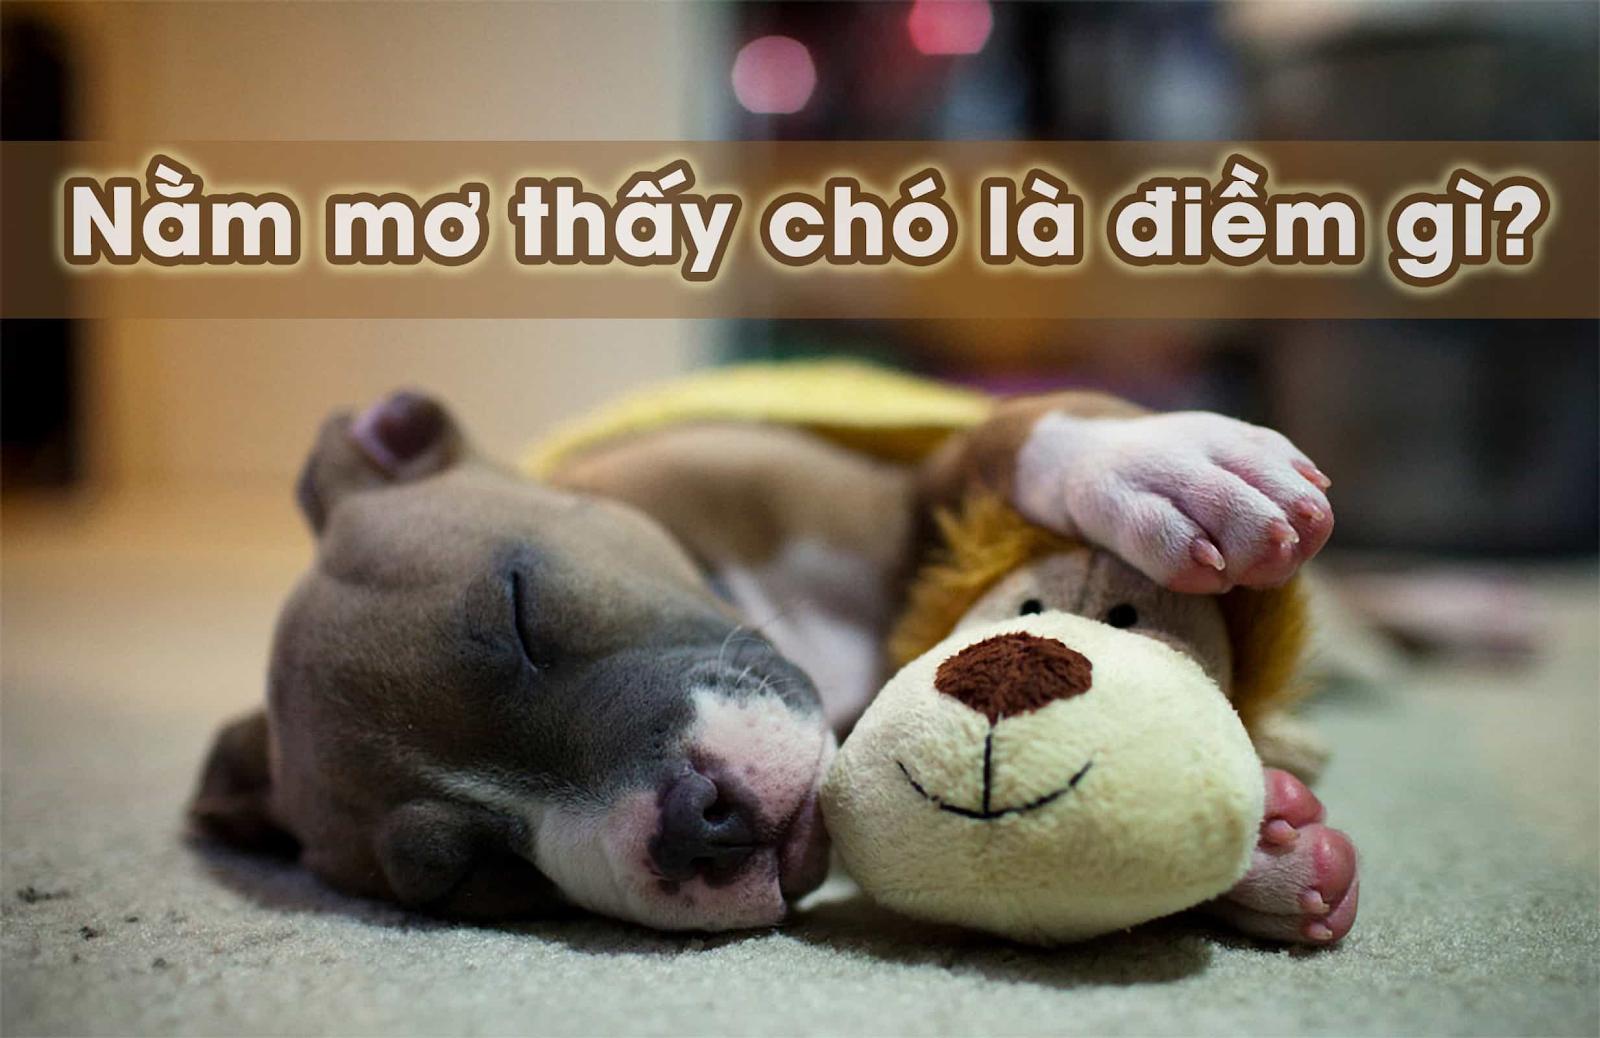 Nằm mơ thấy [2, 3, 4, 5] con chó ? Mơ thấy chó là điềm gì?